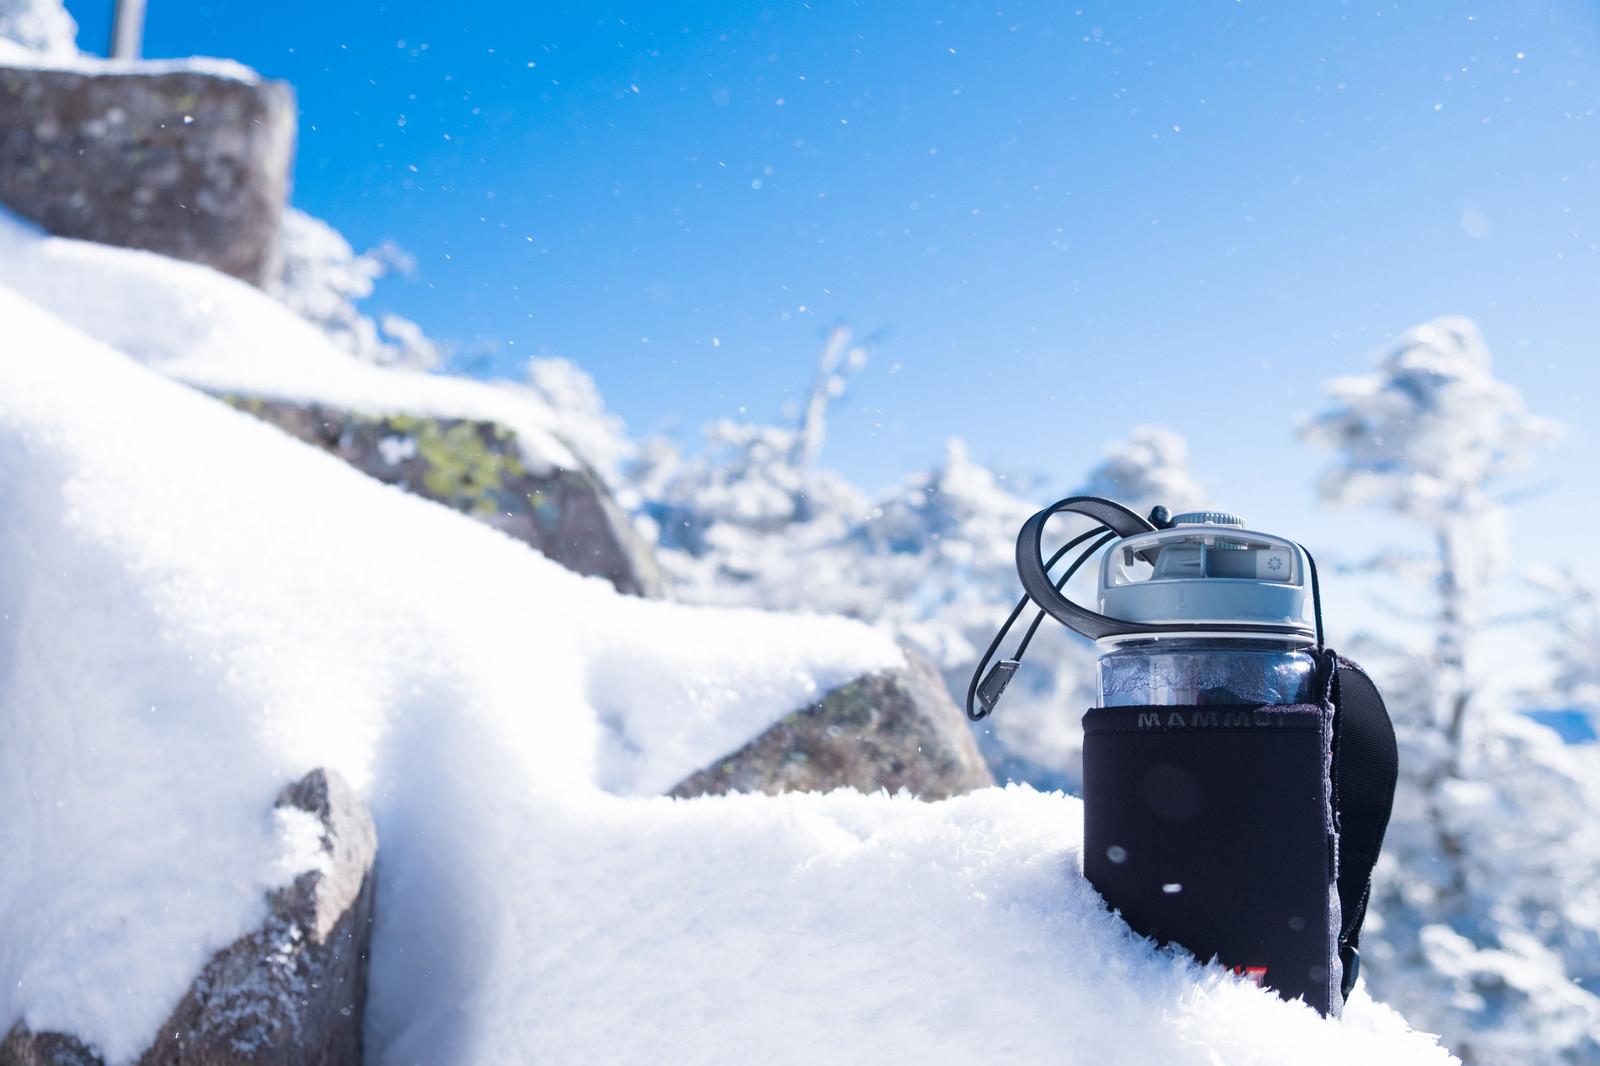 「氷点下15℃の気温で氷始めたドリンクボトル氷点下15℃の気温で氷始めたドリンクボトル」のフリー写真素材を拡大